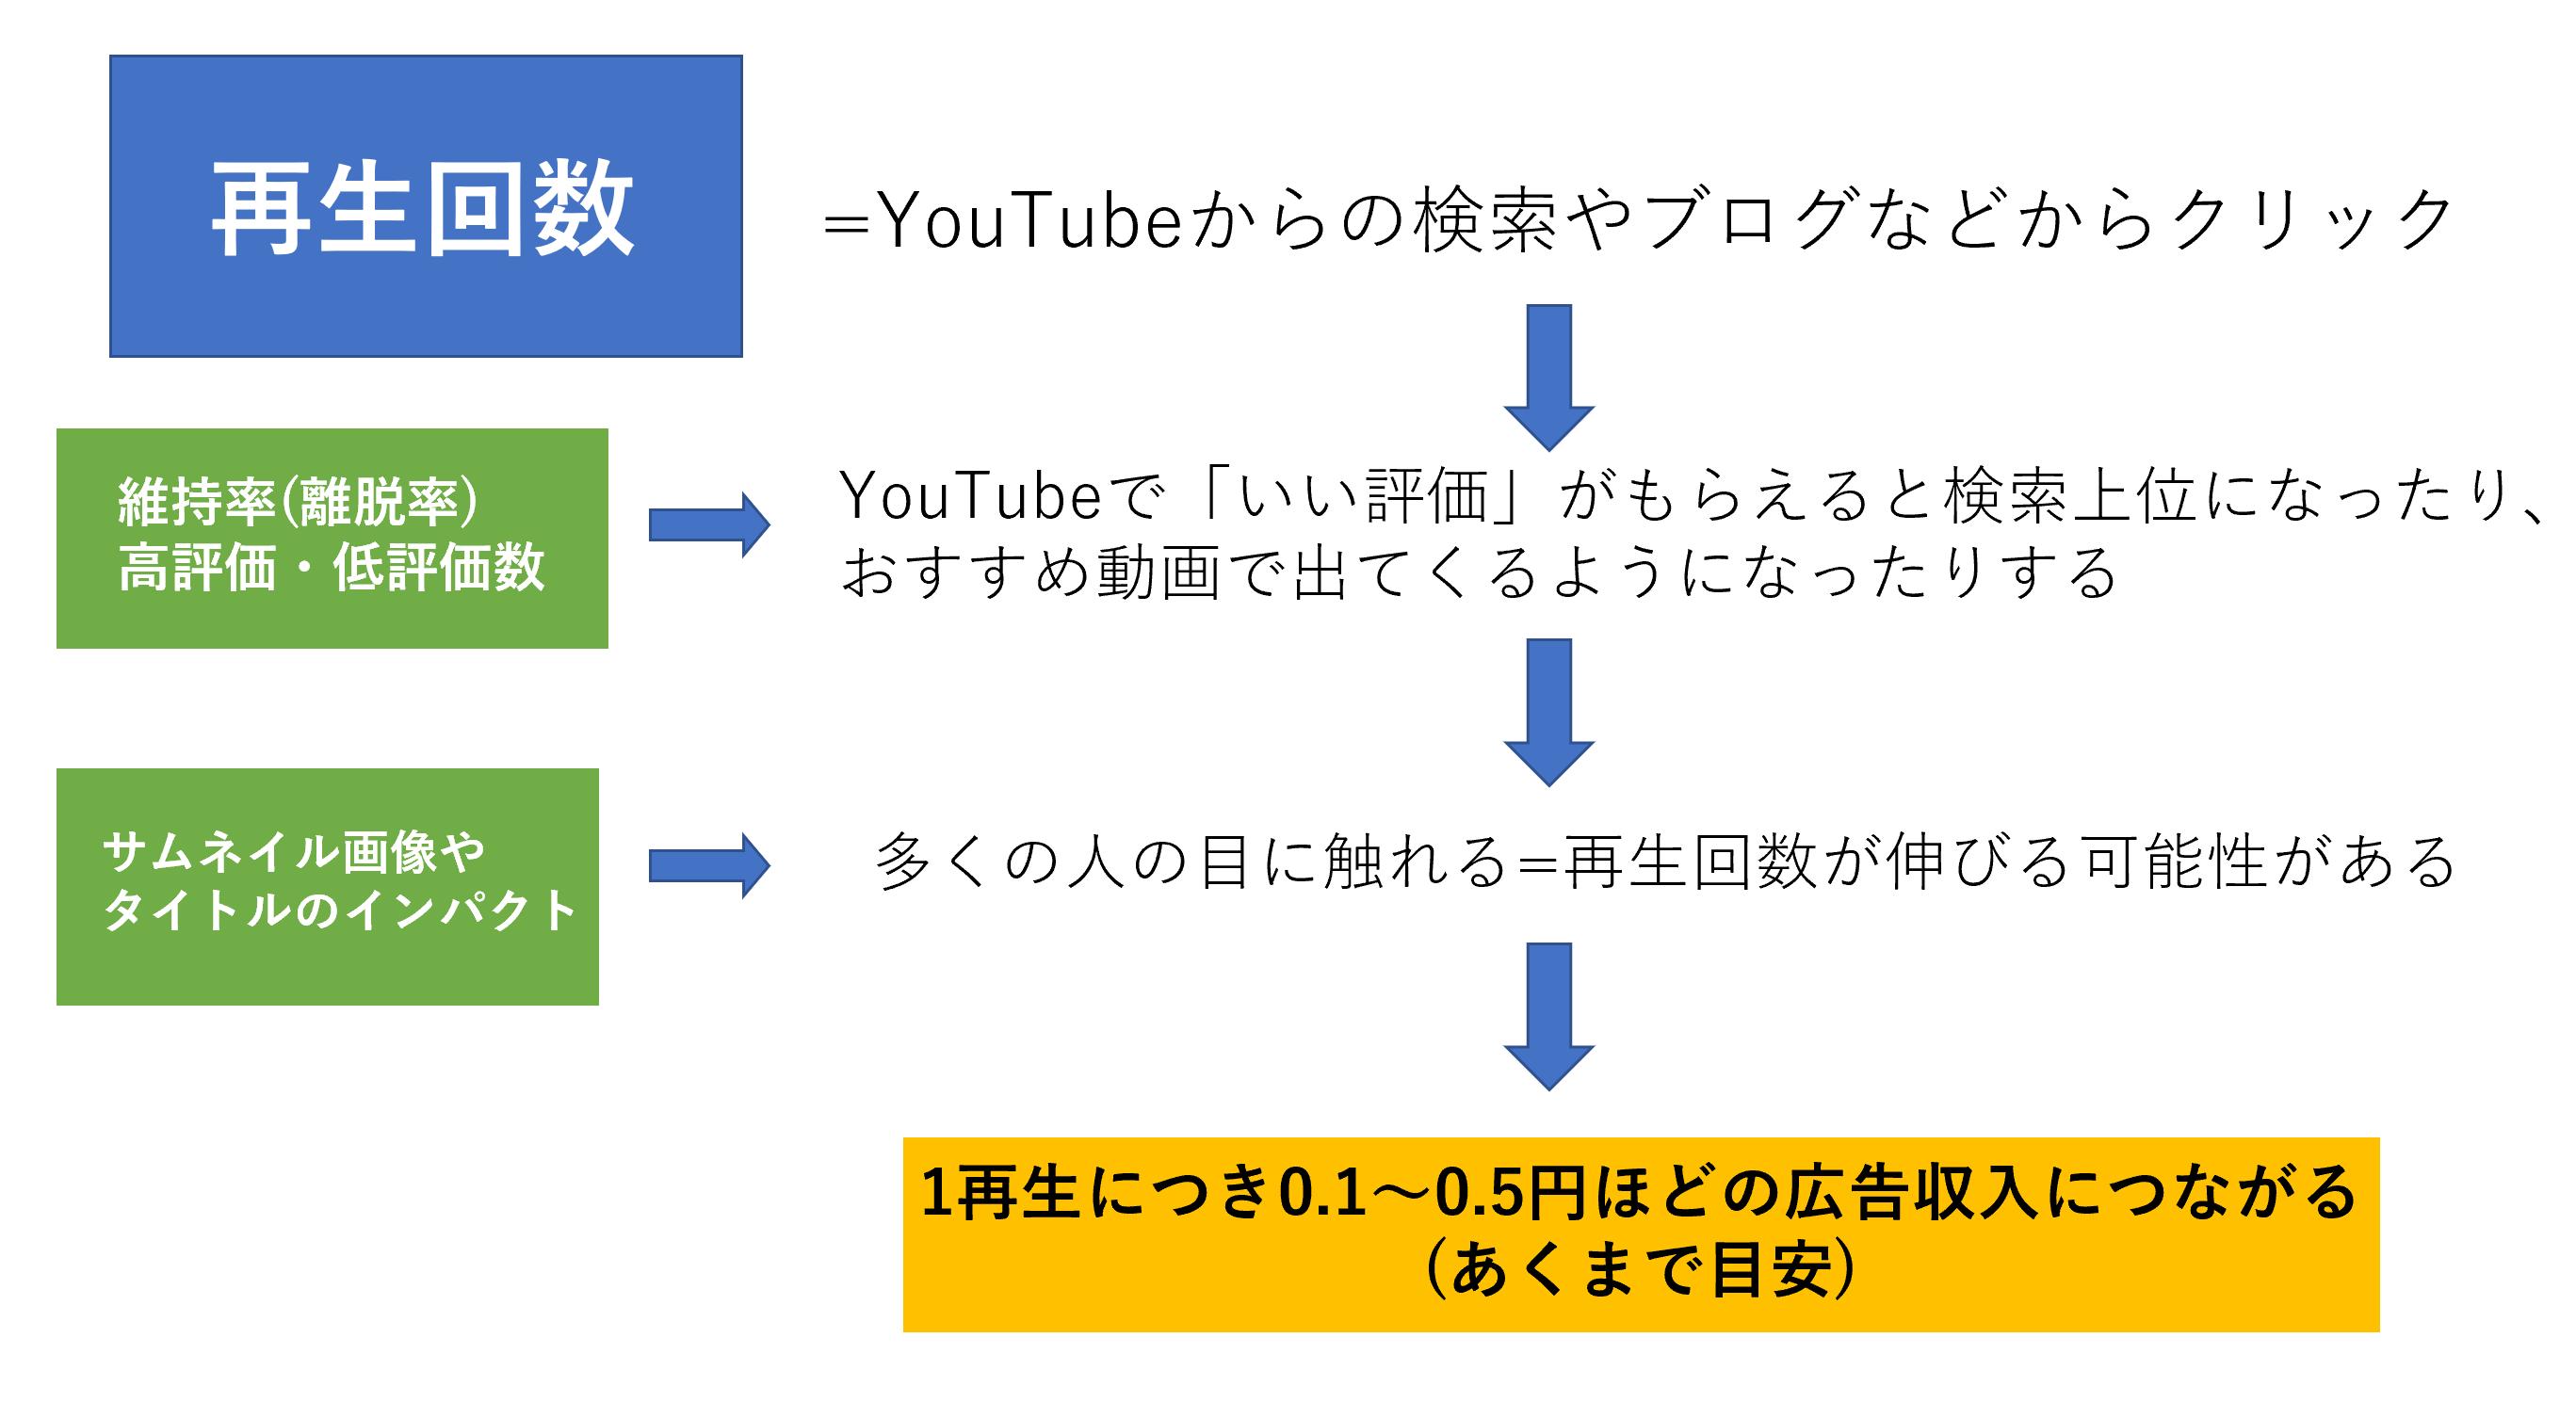 回数 youtube 収入 再生